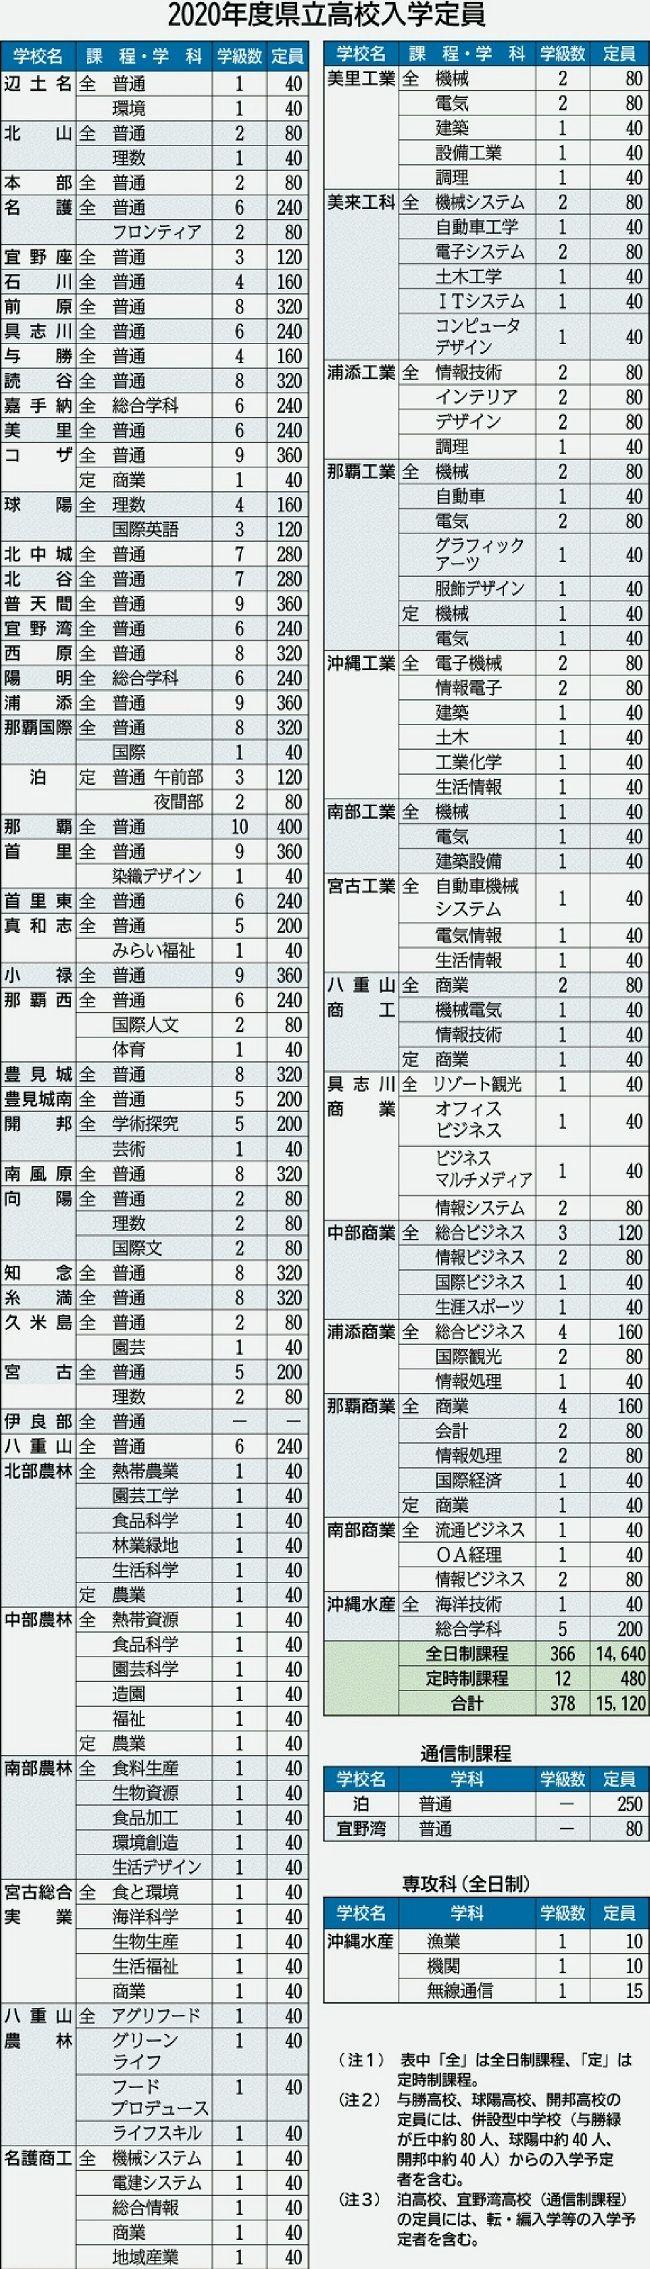 高校 2021 入試 倍率 沖縄 県